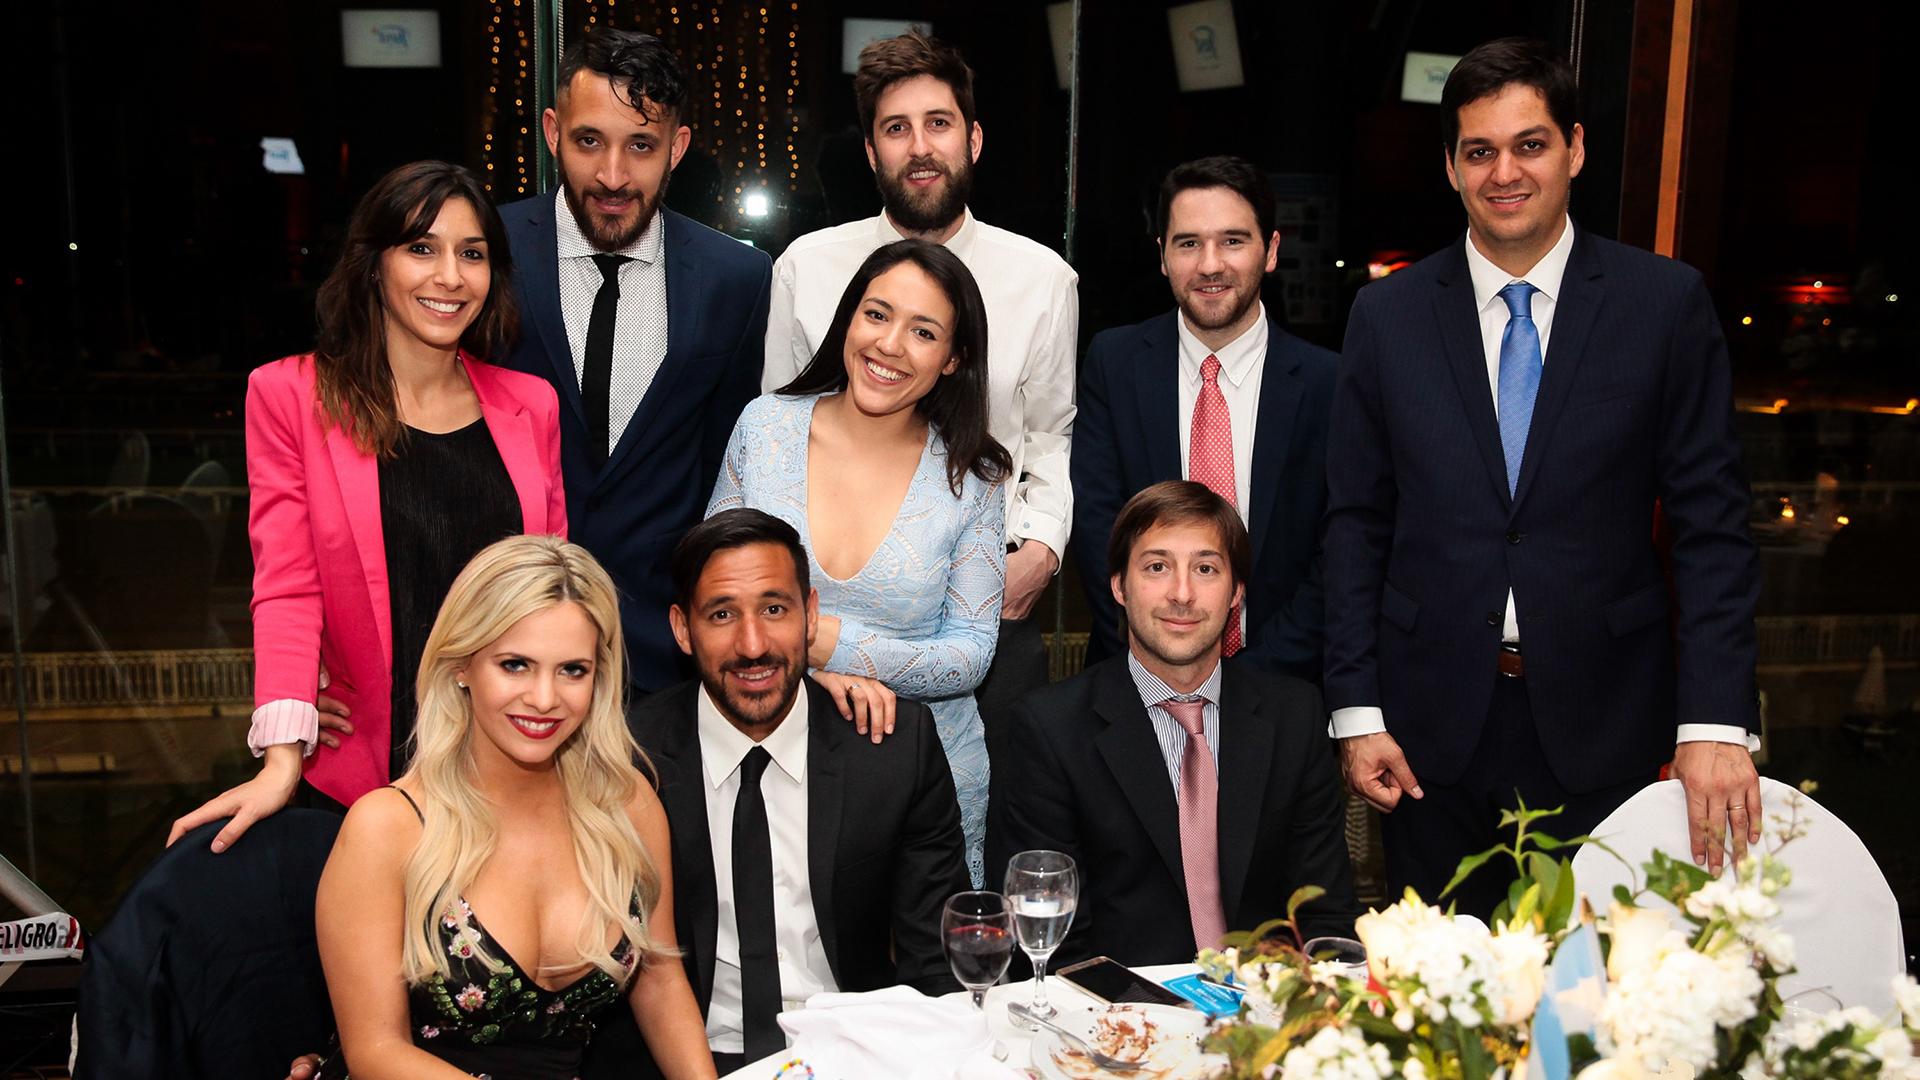 La mesa de Jonás Gutiérrez con su novia, su familia y algunos amigos /// Fotos: Diego Larocca